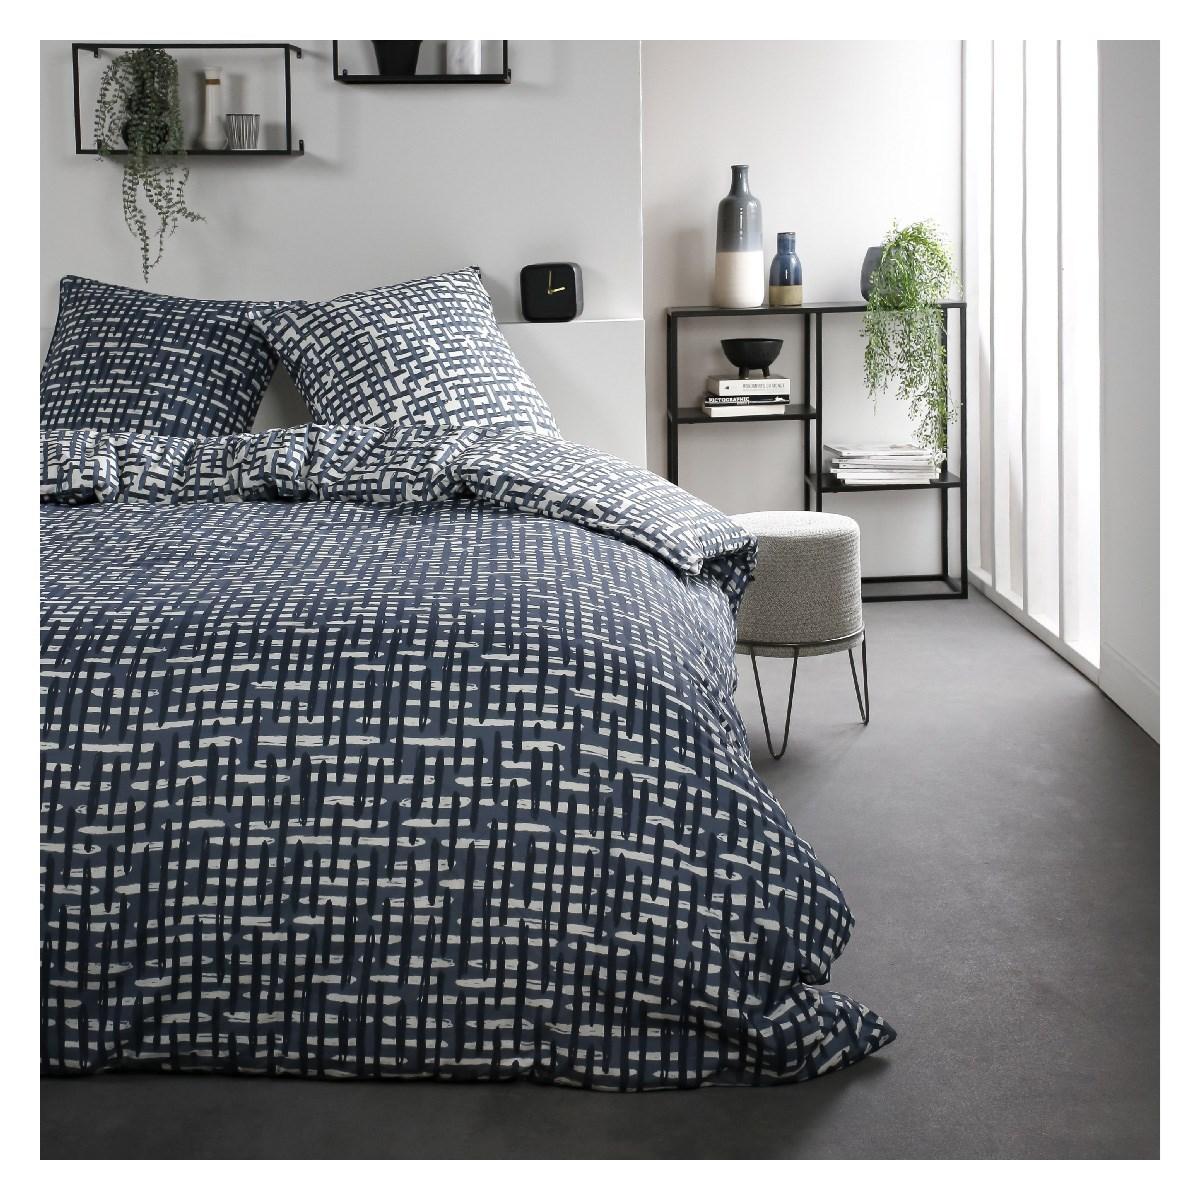 Parure de lit 2 personnes imprimé en Coton 220x240 cm